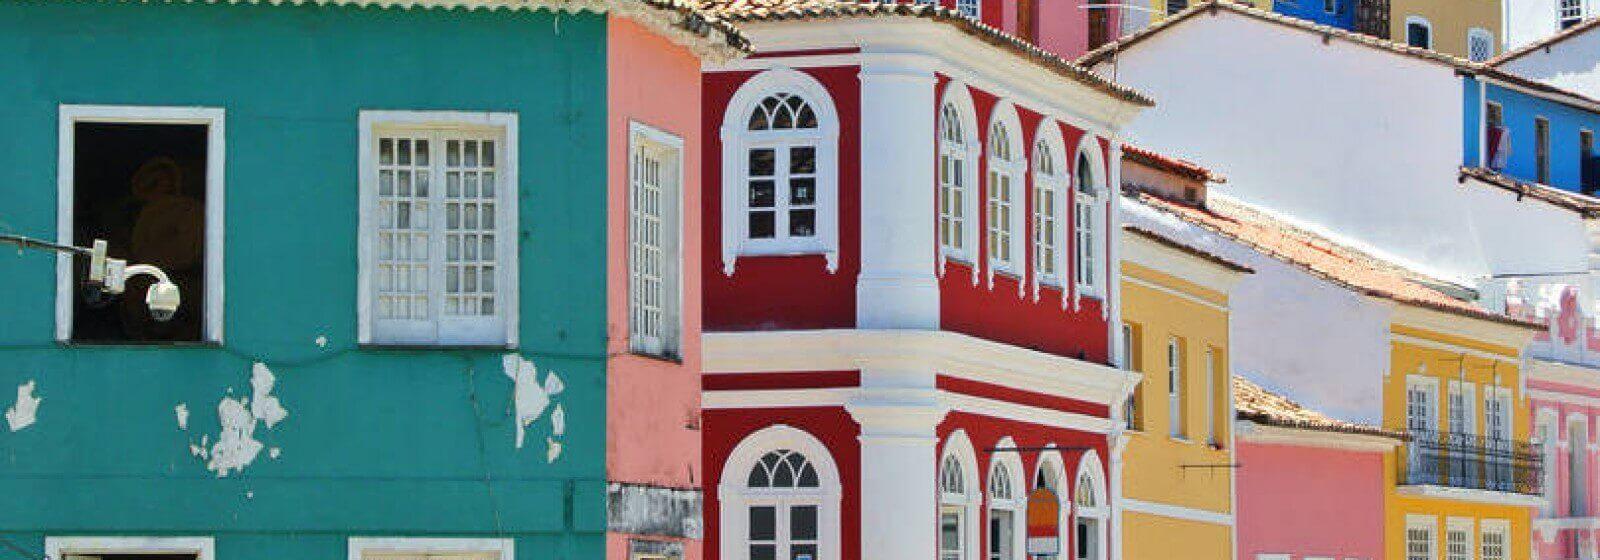 Mercado imobiliário brasileiro passa por um rolo sem fim